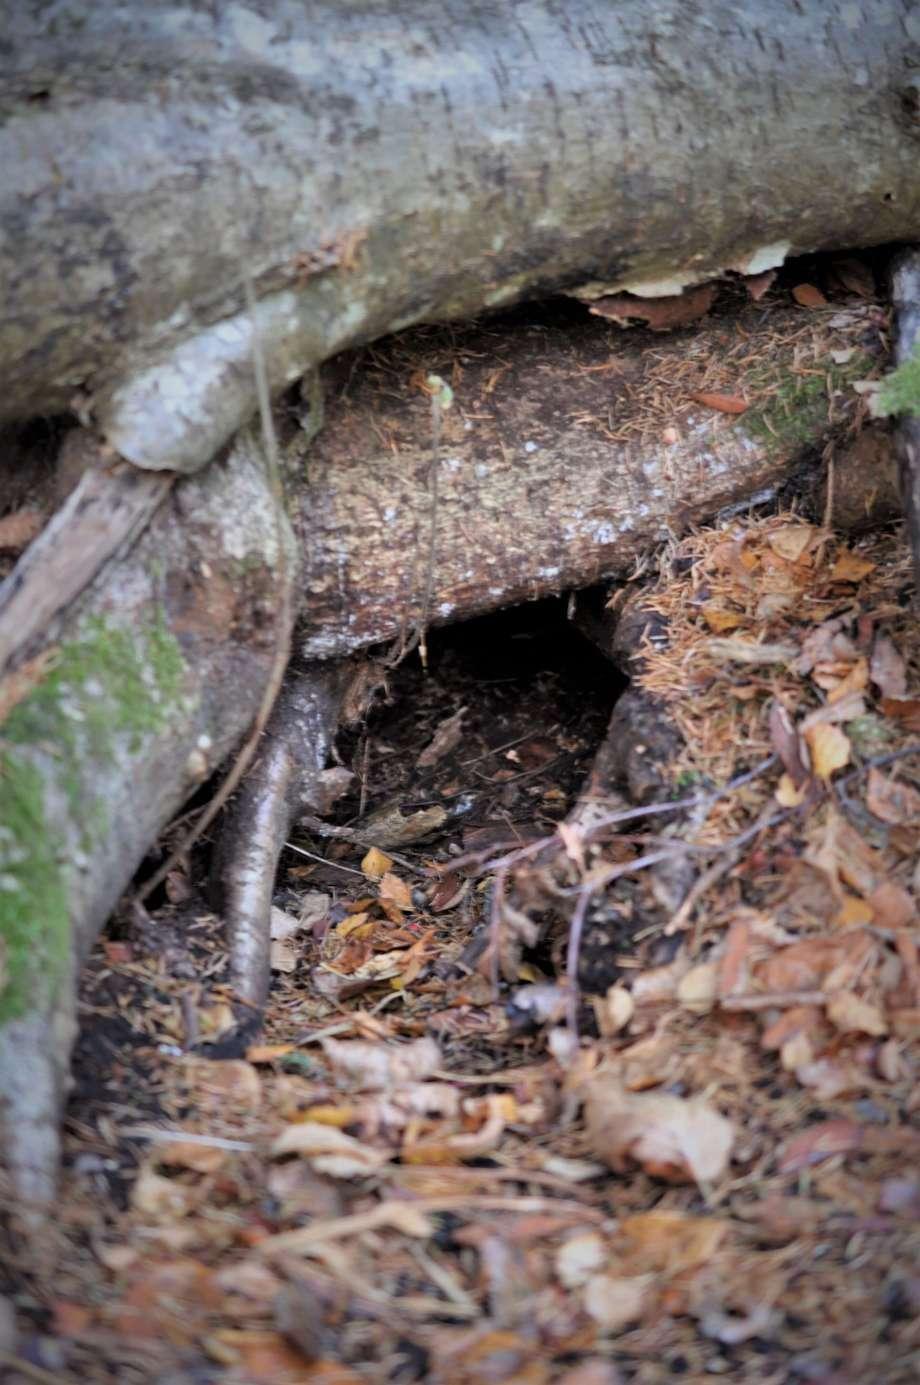 ingången till en djurlya under trädrötter